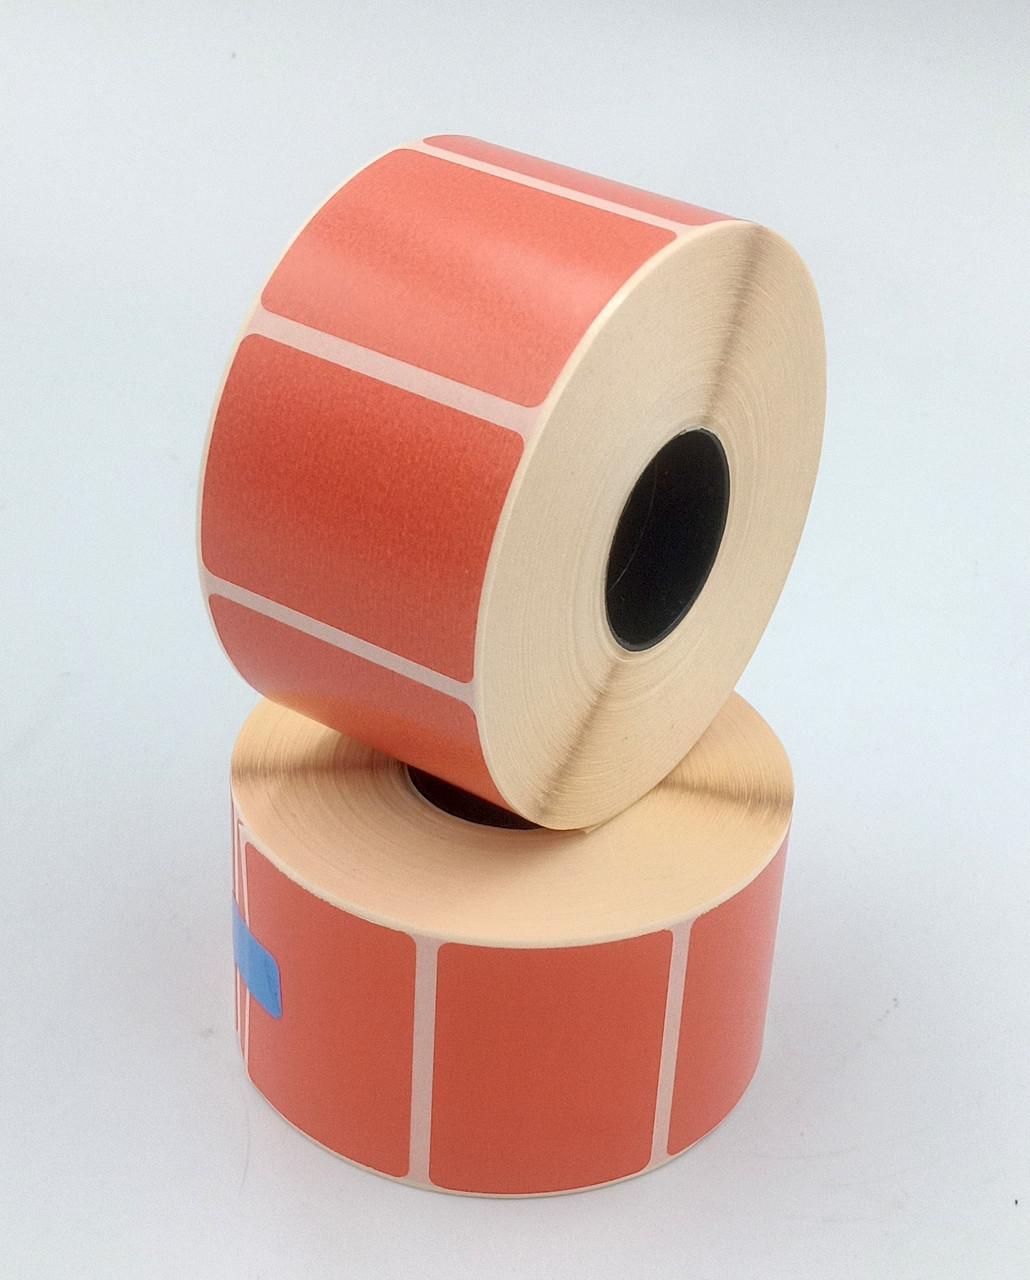 Термоэтикетка Т.Еко пантон 40*30 мм 1000 этикеток прямоугольная 5 шт красная (4030T1000V25R)